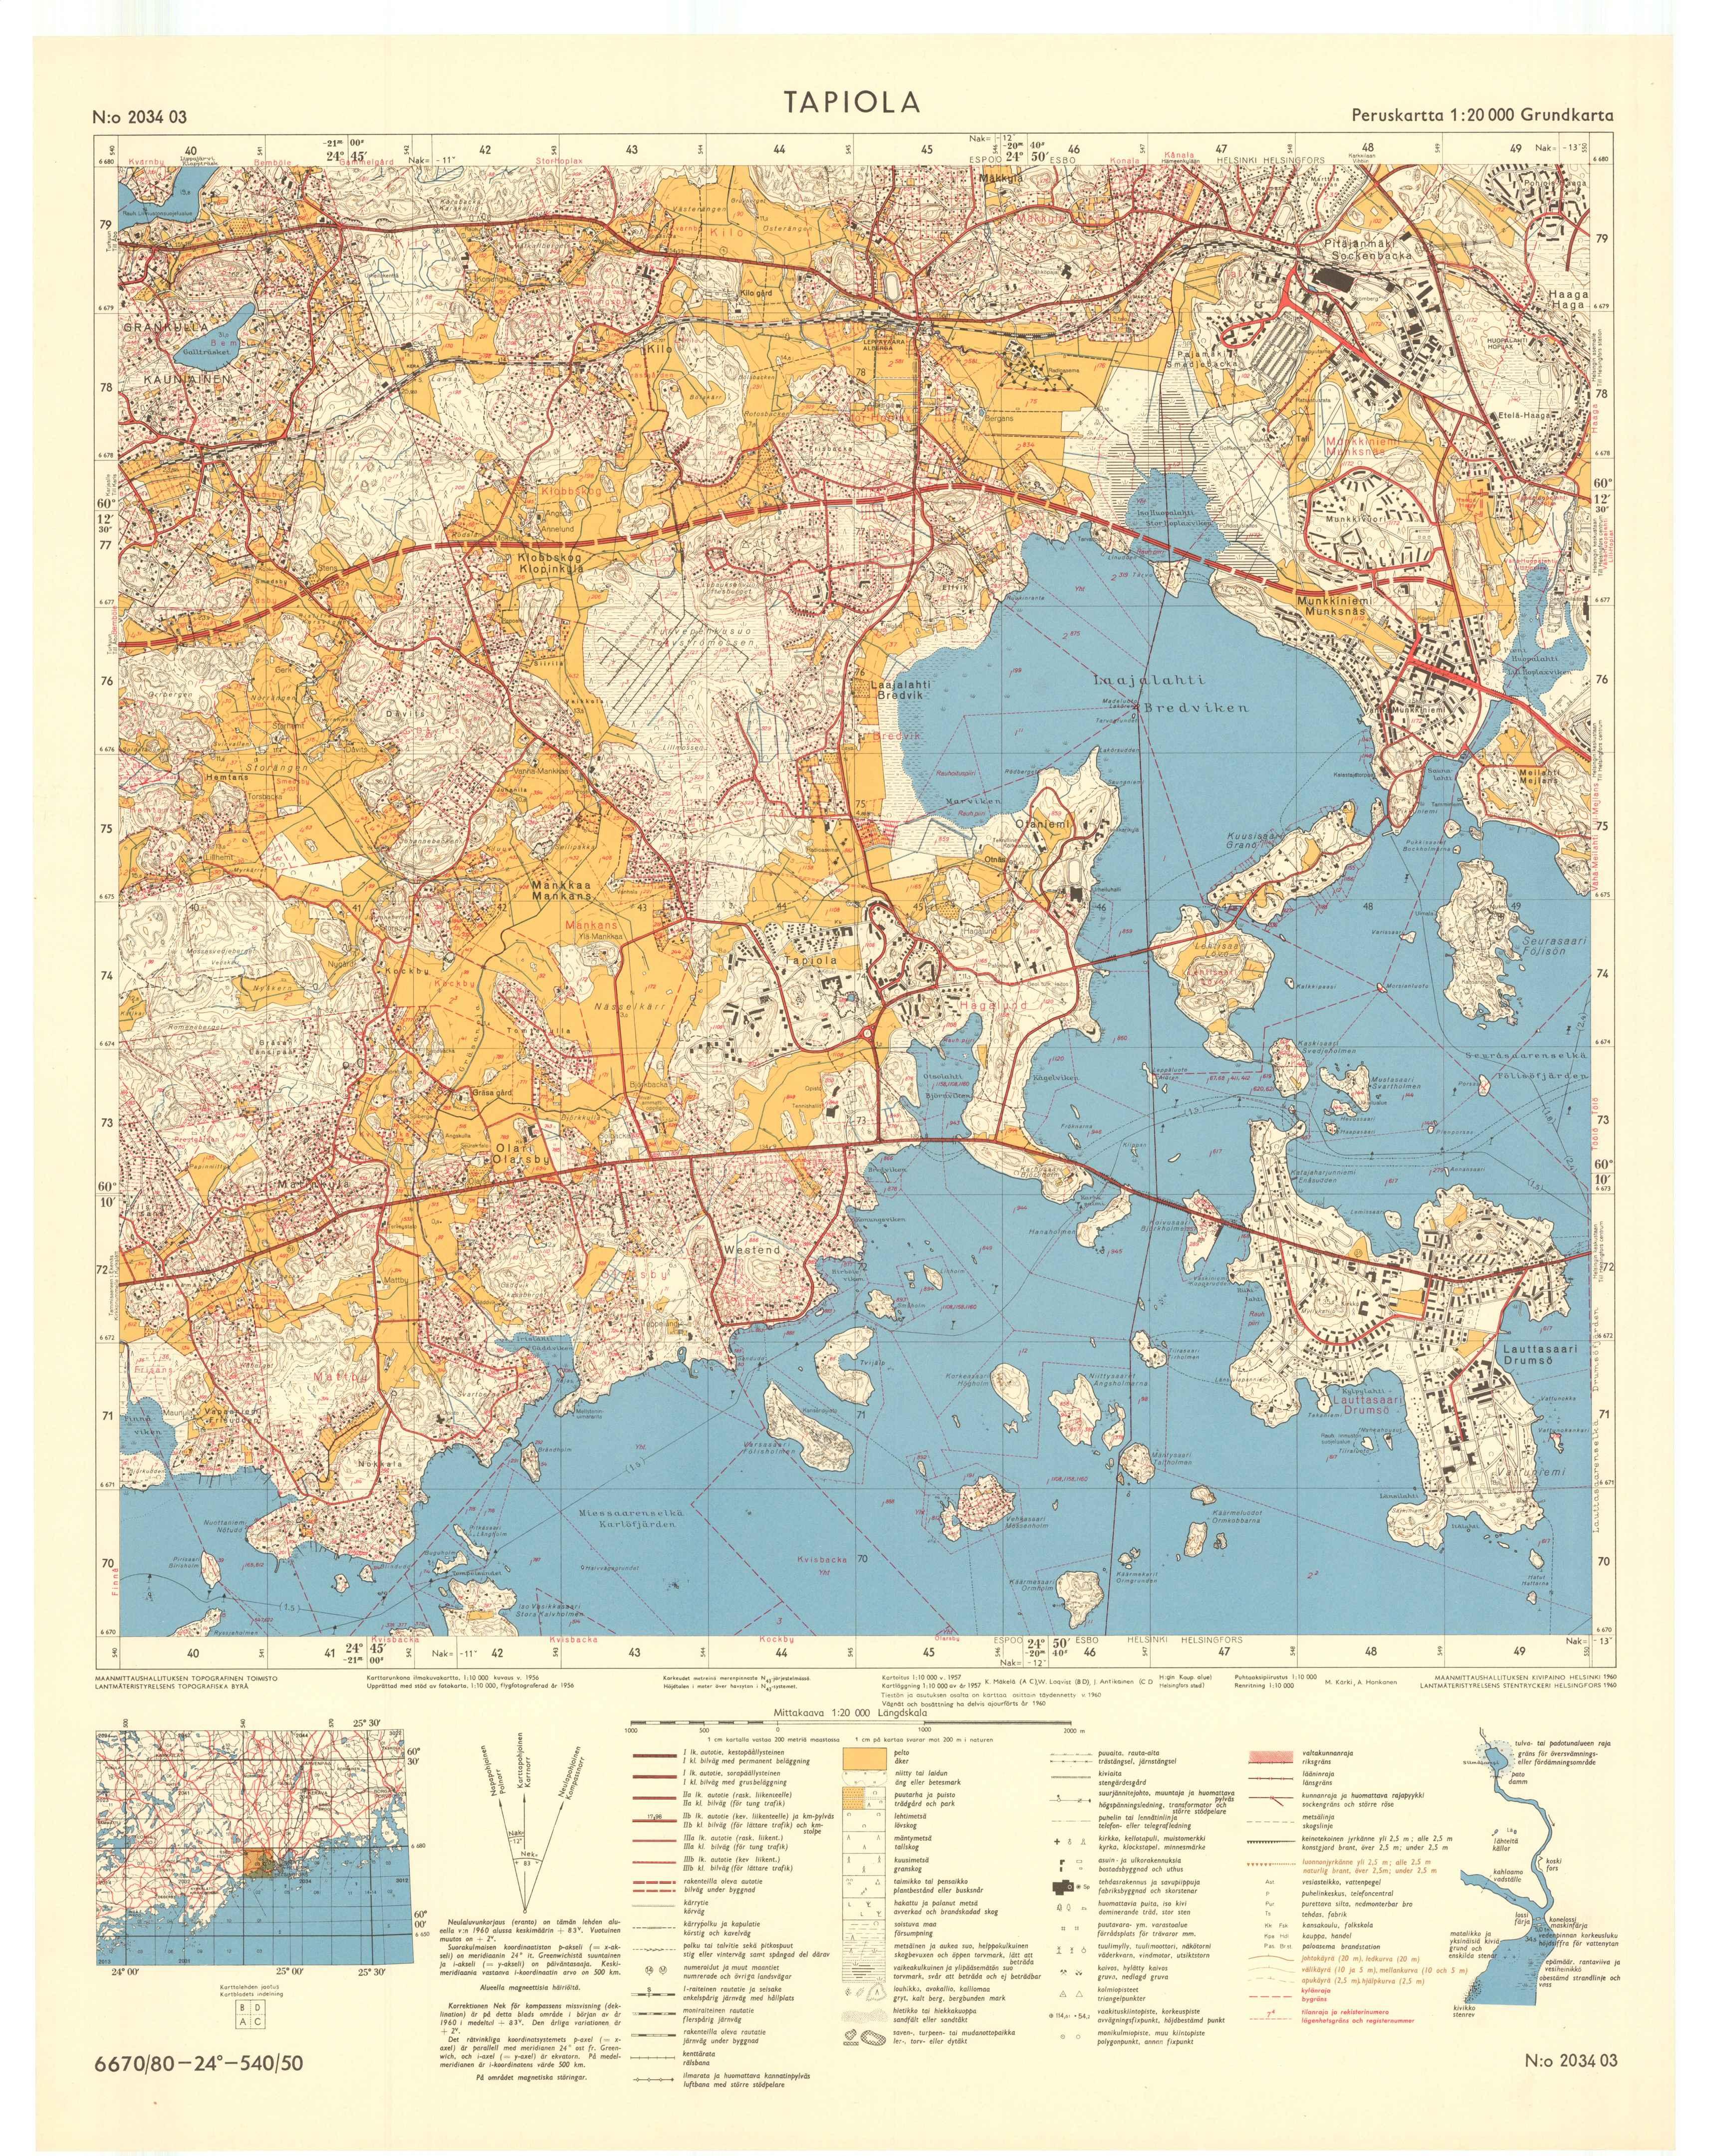 Kartta vuodelta 1960